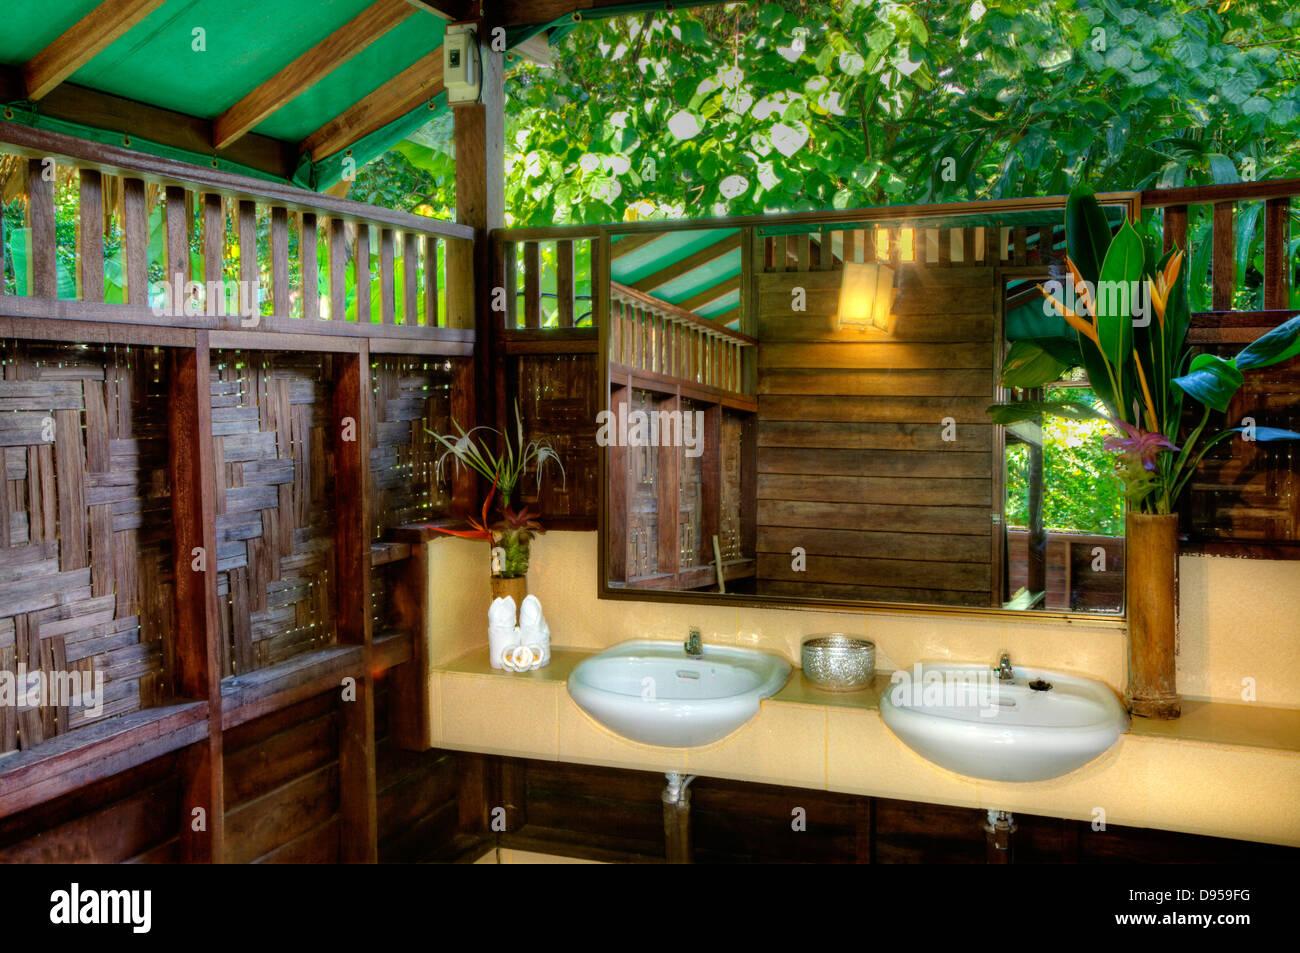 Baumhaus-Badezimmer im OUR JUNGLE HOUSE eine Lodge im Regenwald in